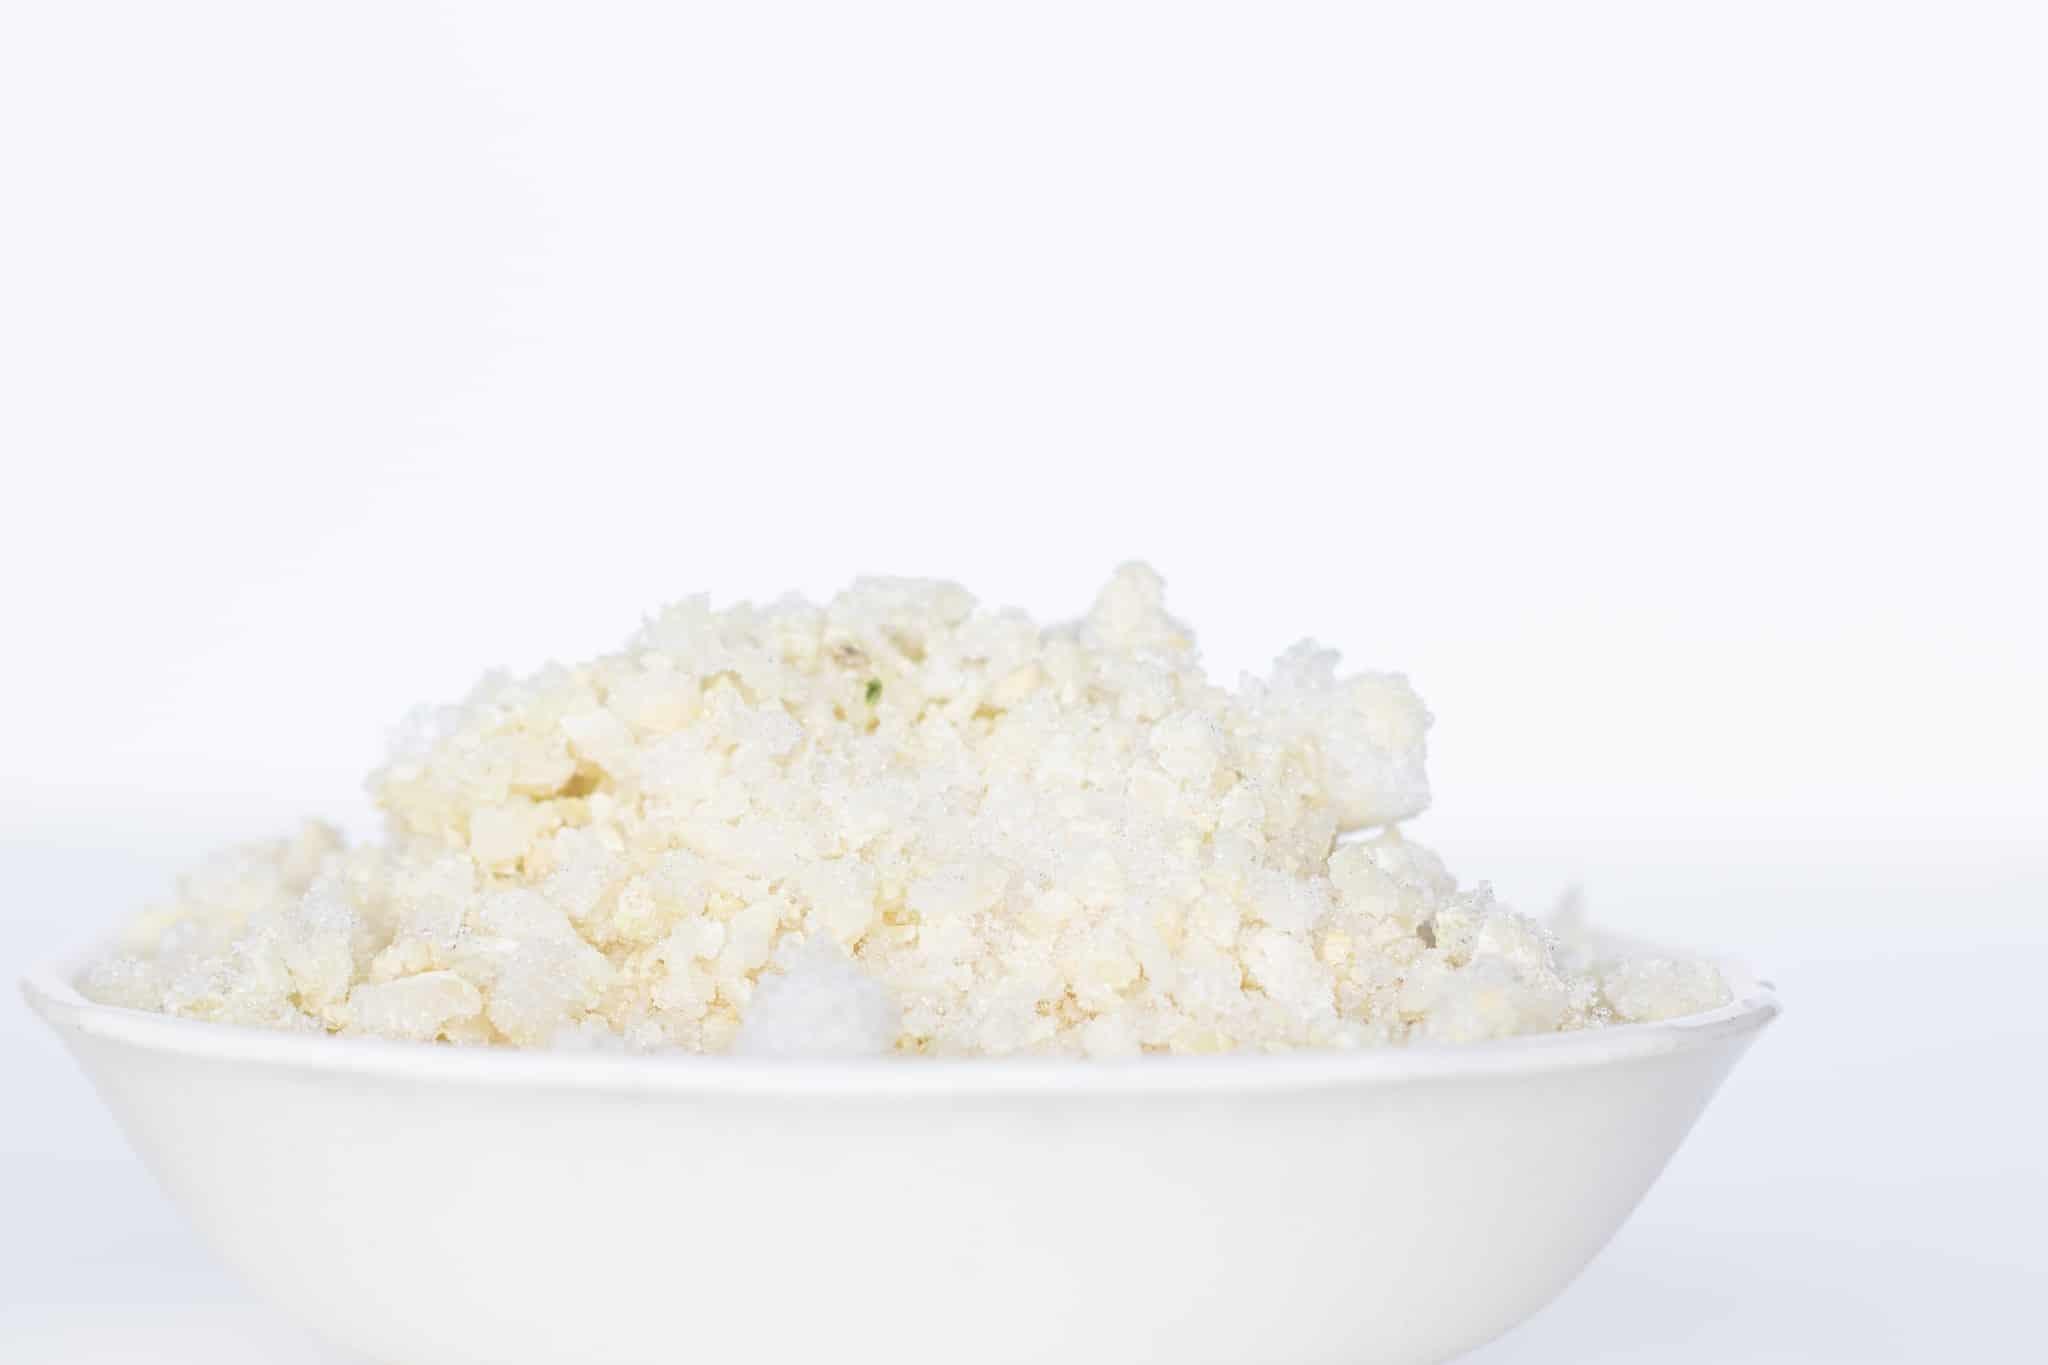 frozen cauliflower rice in white bowl